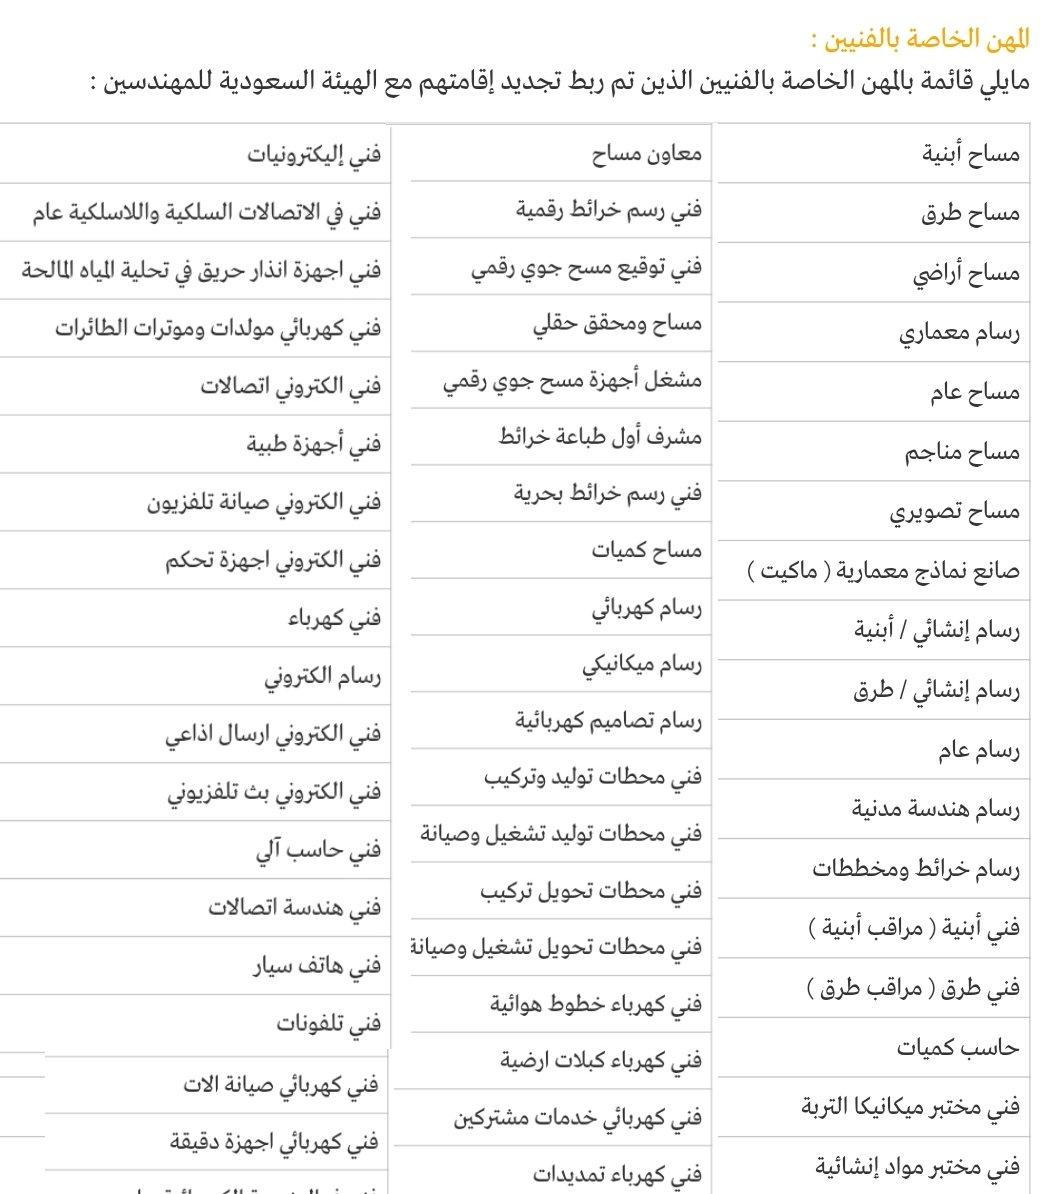 خدماتي الإلكترونية Twitterren قائمة بالمهن الخاصة بالفنيين الذين تم ربط تجديد اقاماتهم مع الهيئة السعودية للمهندسين جميع المهن في القائمة إلزامية في التسجيل والربط فيها مباشر أما باقي المهن الأخرى فيكون التسجيل